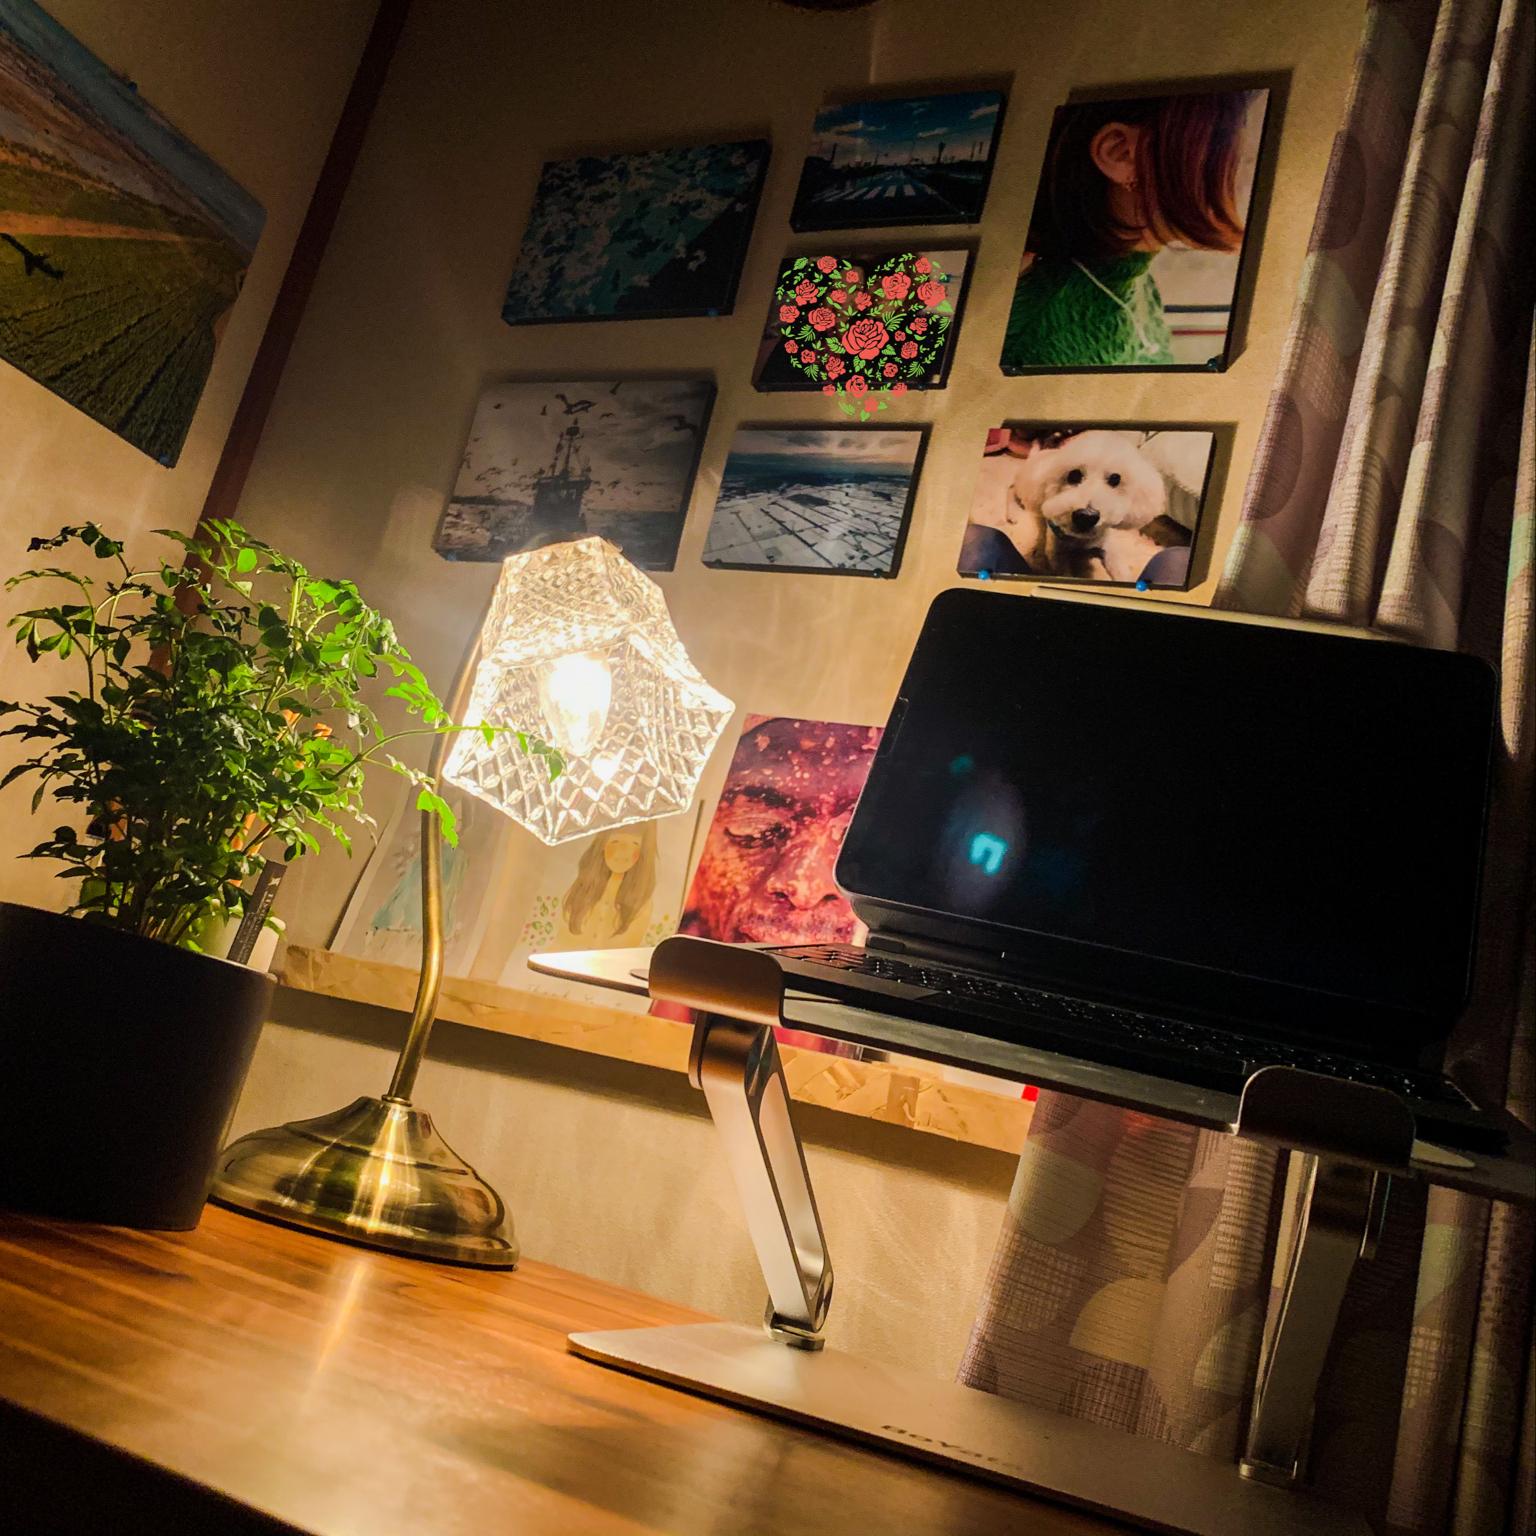 フォトパネル/写真 壁/照明のある暮らし/照明♡/iPadスタンド...などのインテリア実例 - 2021-04-21 20:43:05